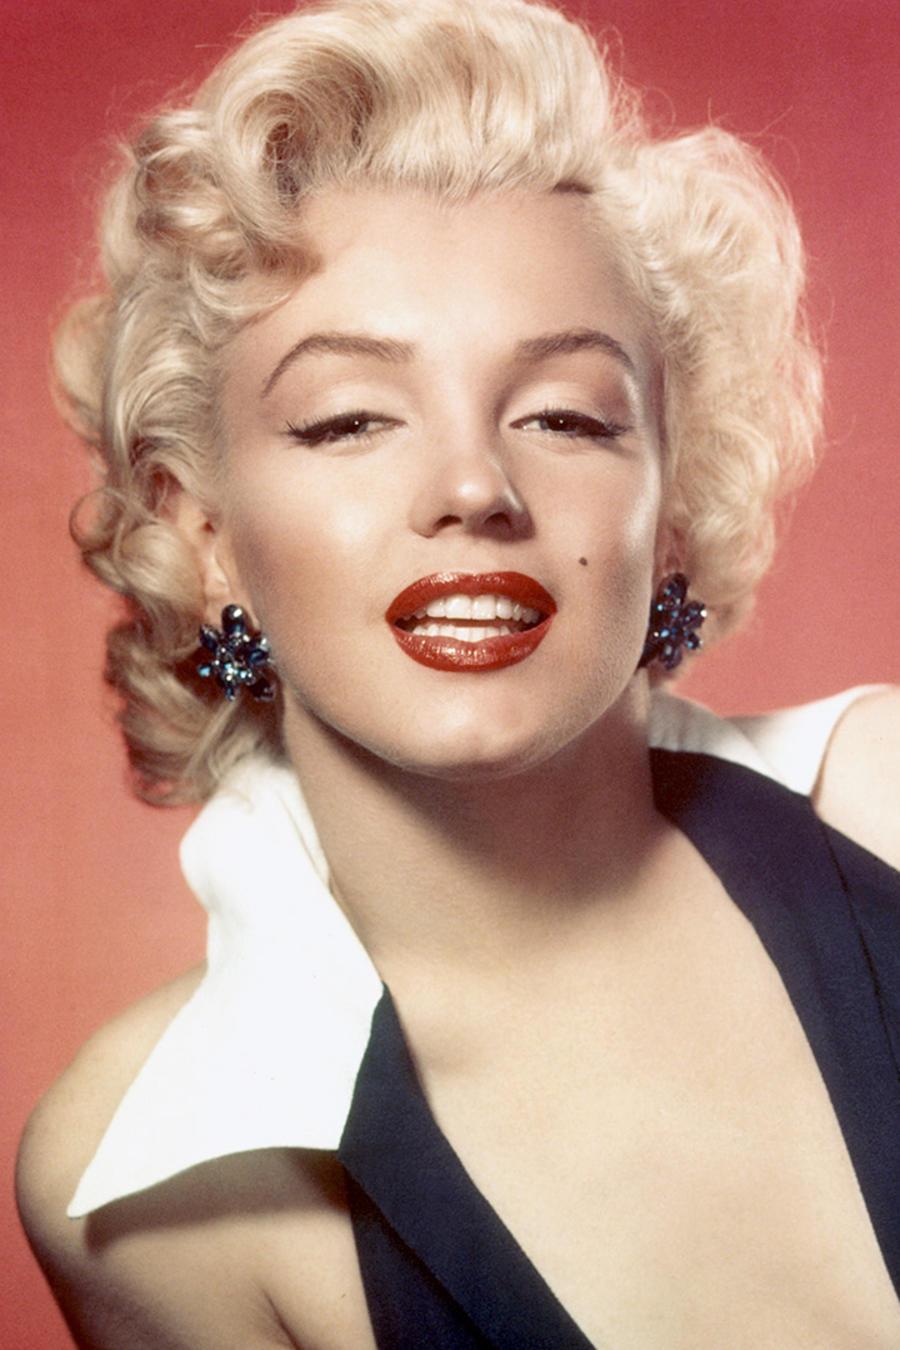 Vestido de Marilyn Monroe fue vendido en 5 minutos